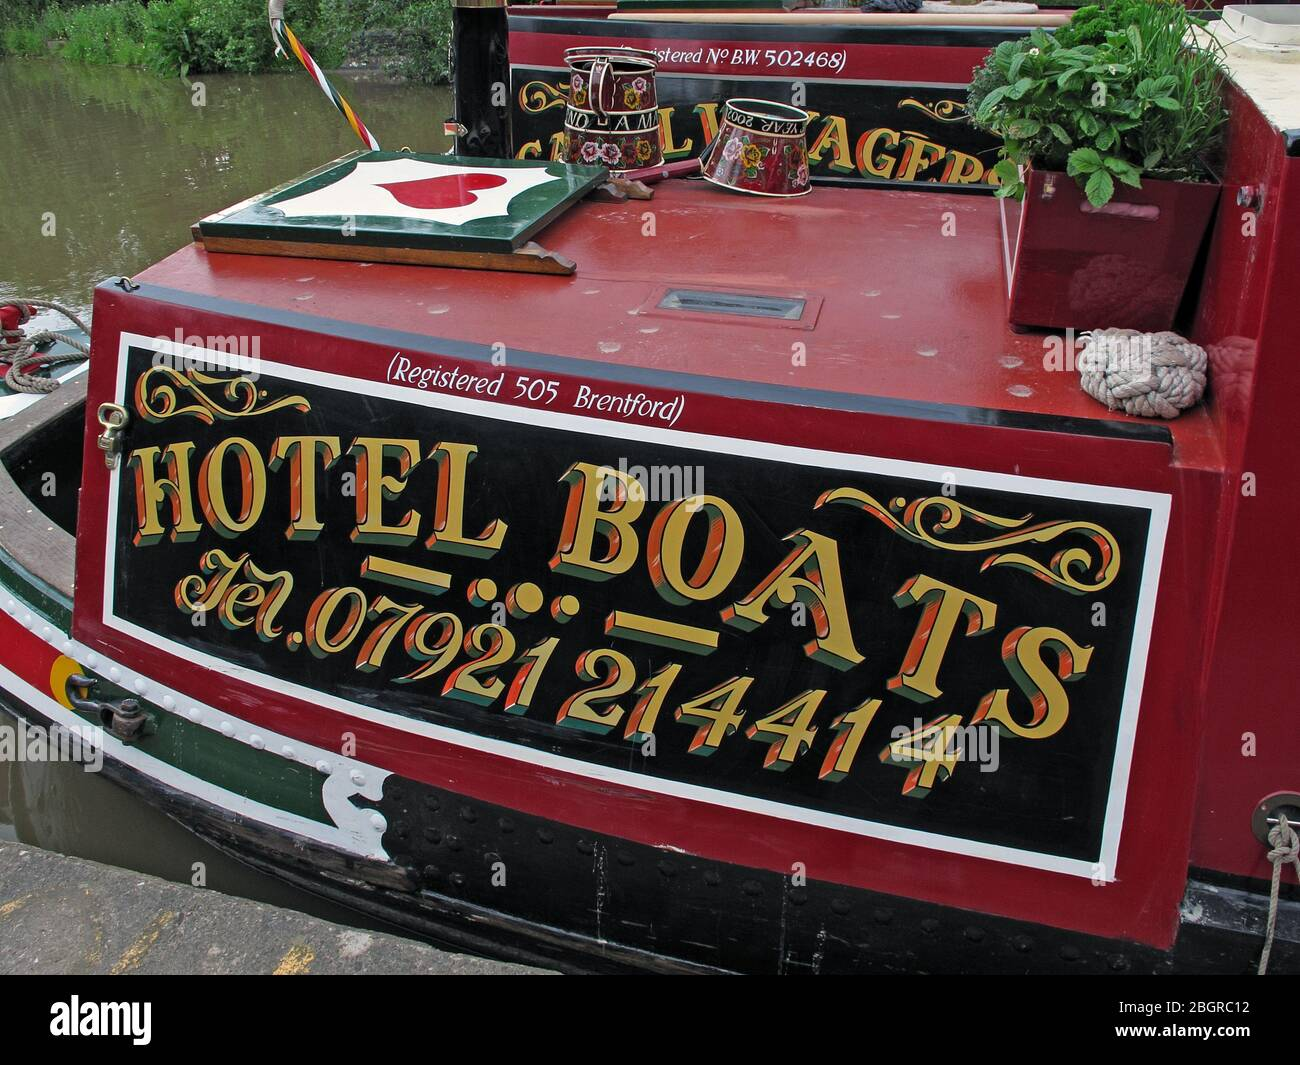 @hotpixuk,Hotpixuk,GoTonySmith,England,Great Britain,UK,GB,leisure,boat,boating,canal system,Canal holidays,cruises,07921-214414,Canal holiday,cruise,Hotel,Boats,505,Brentford